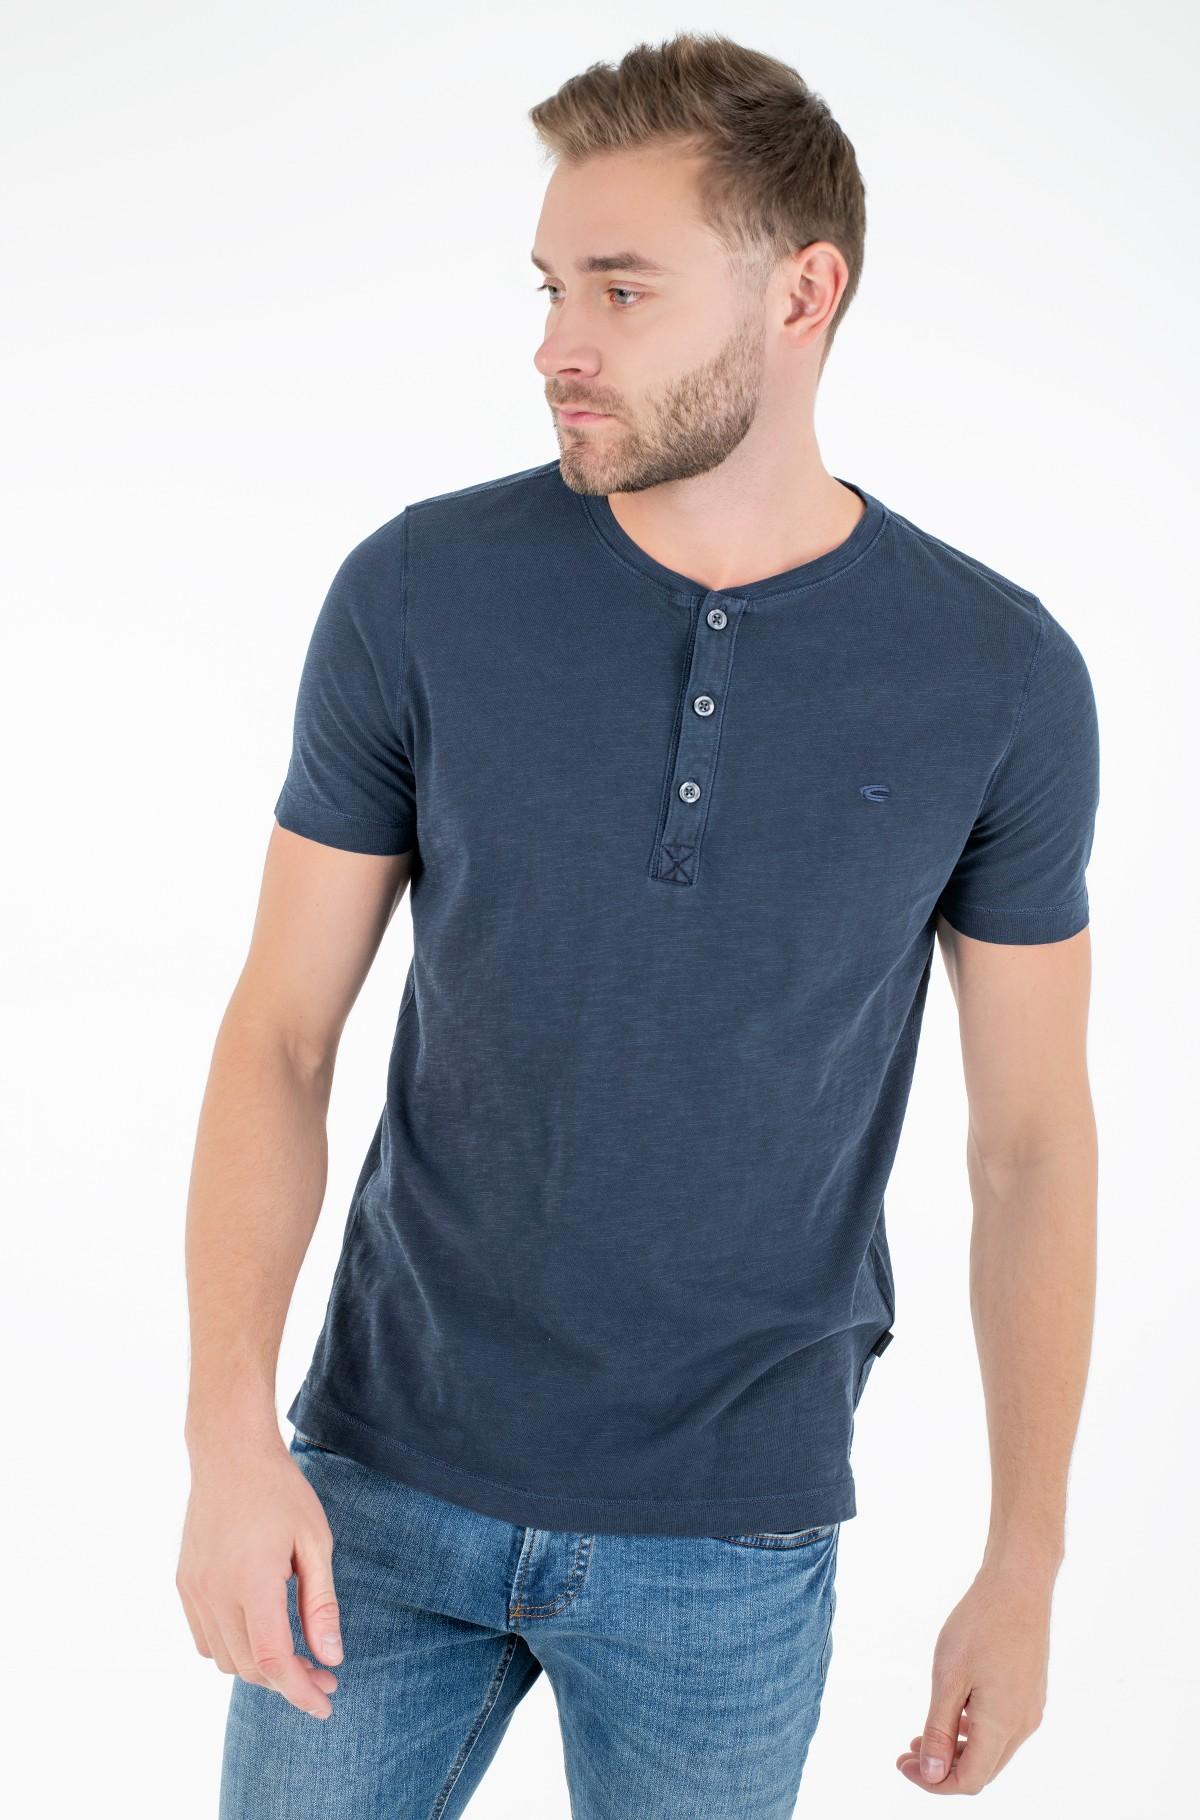 T-shirt 409474/9T04-full-1